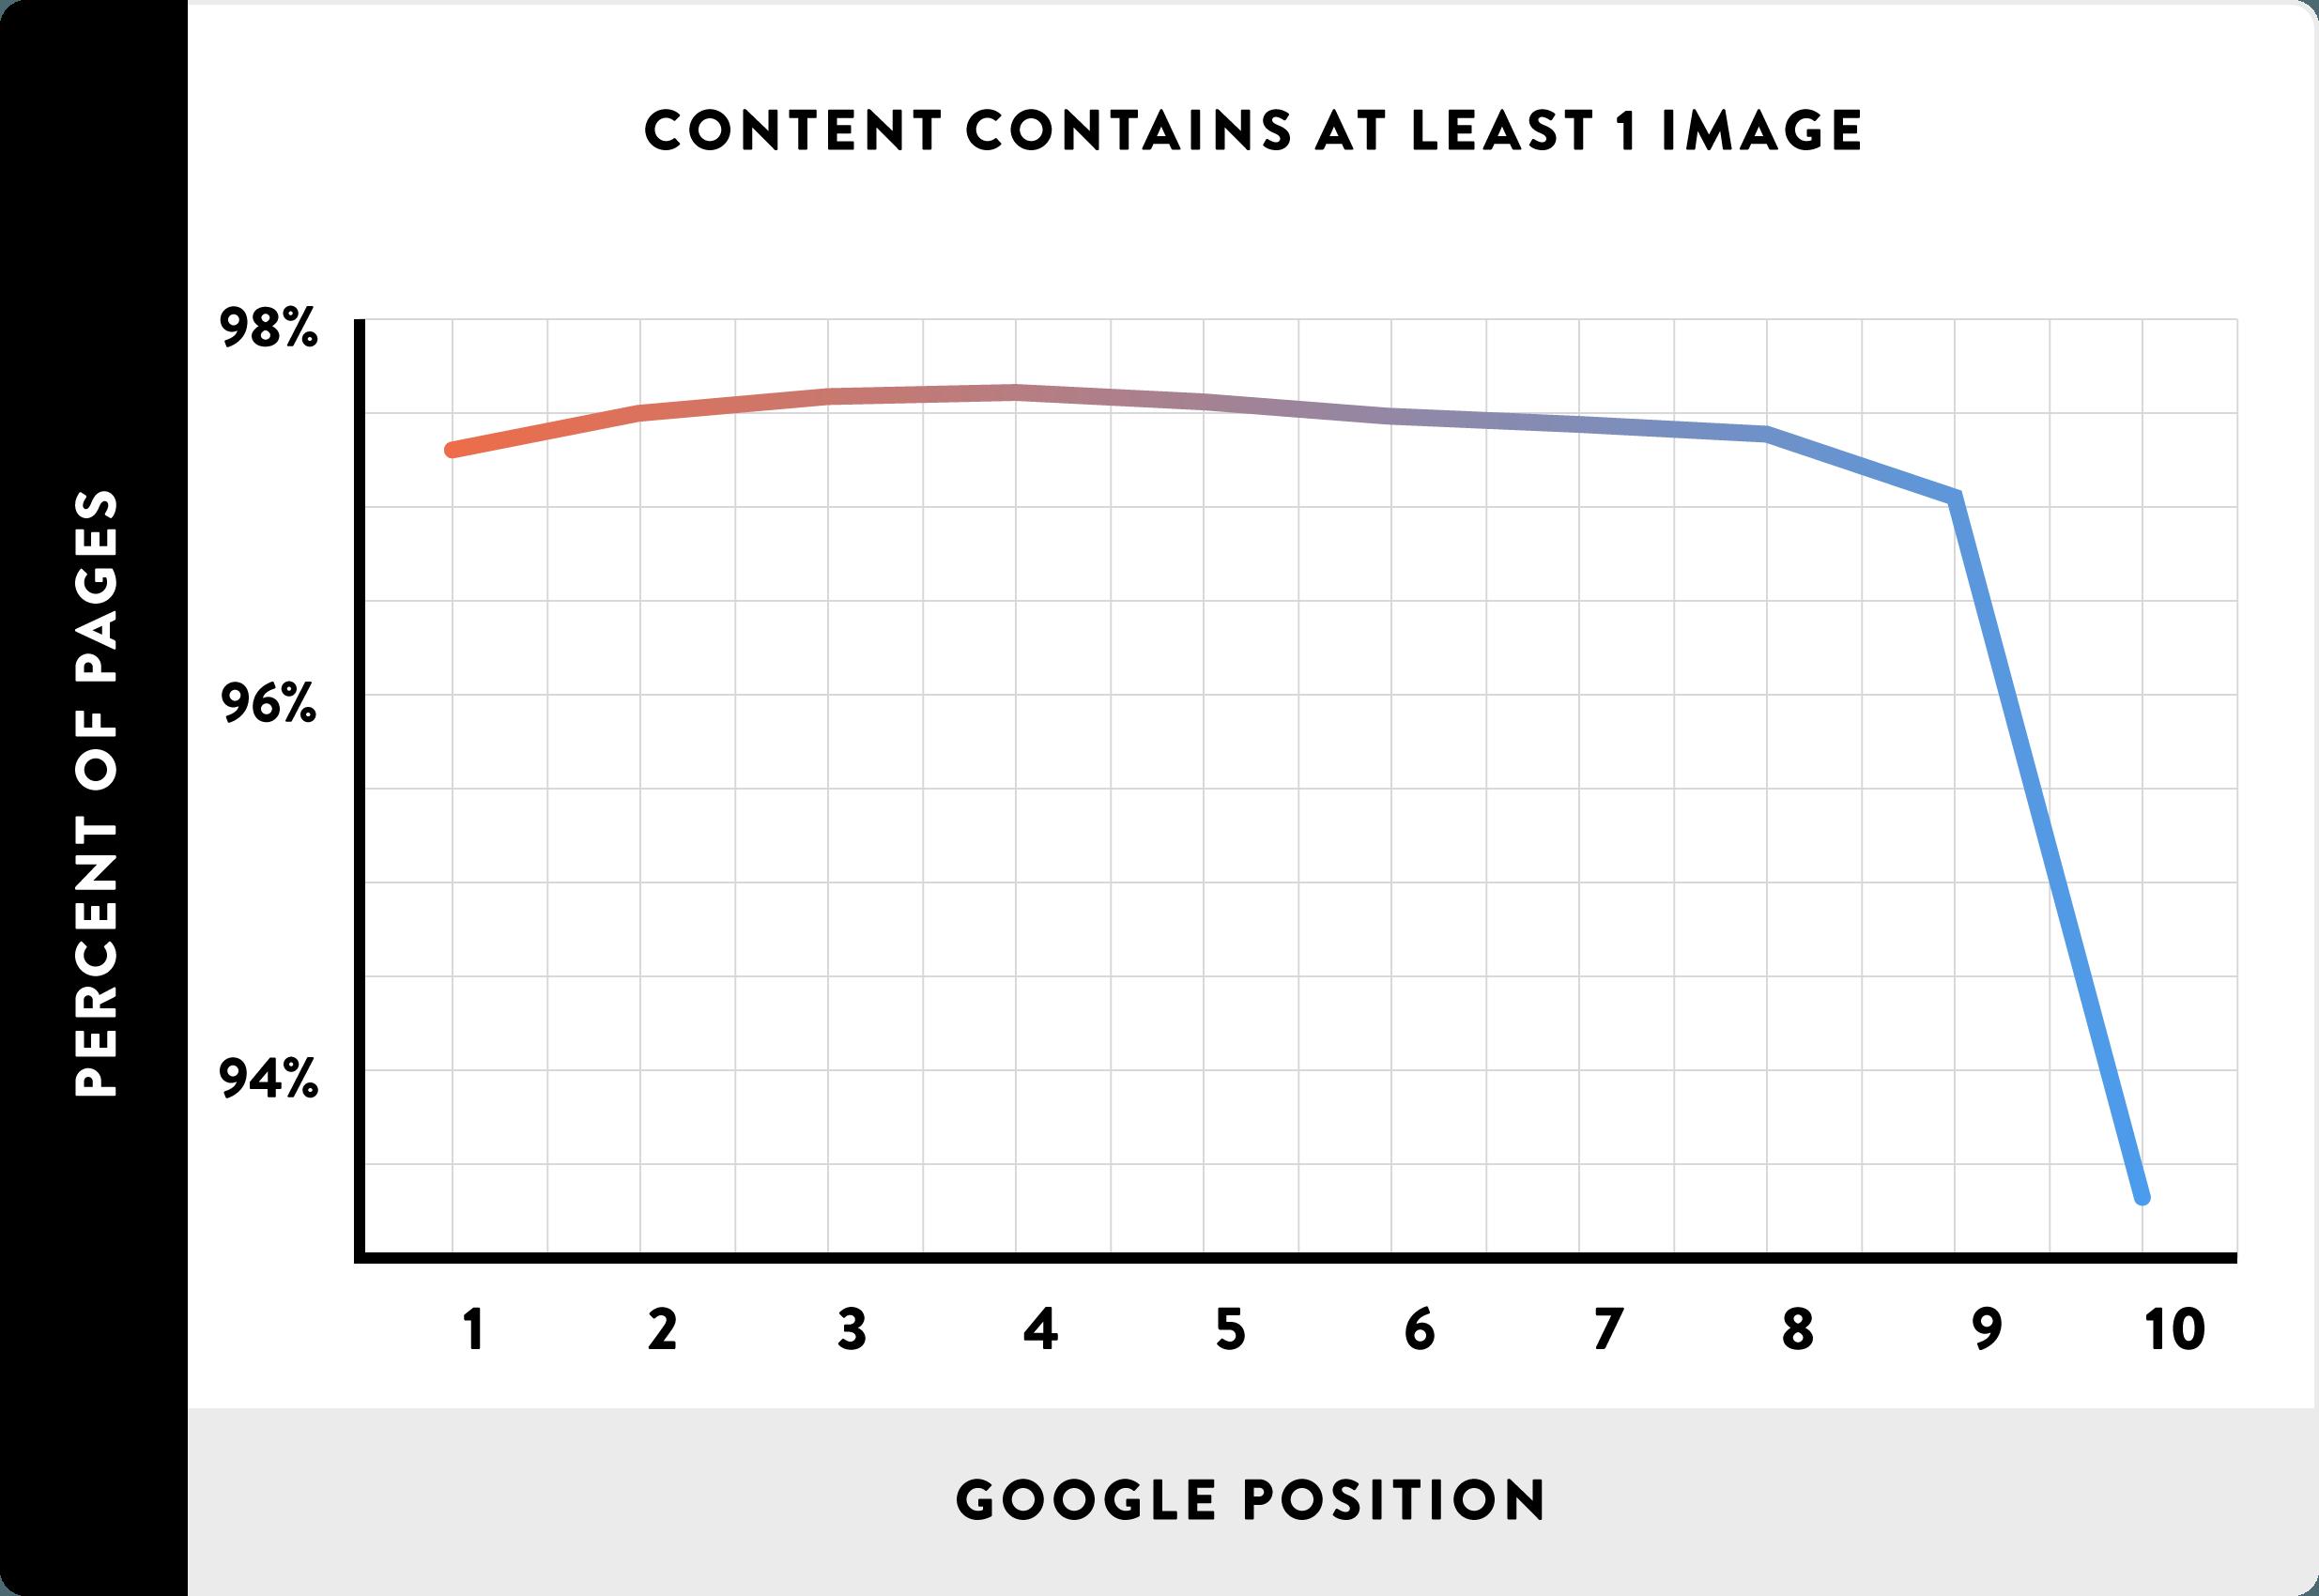 Image usage rankings